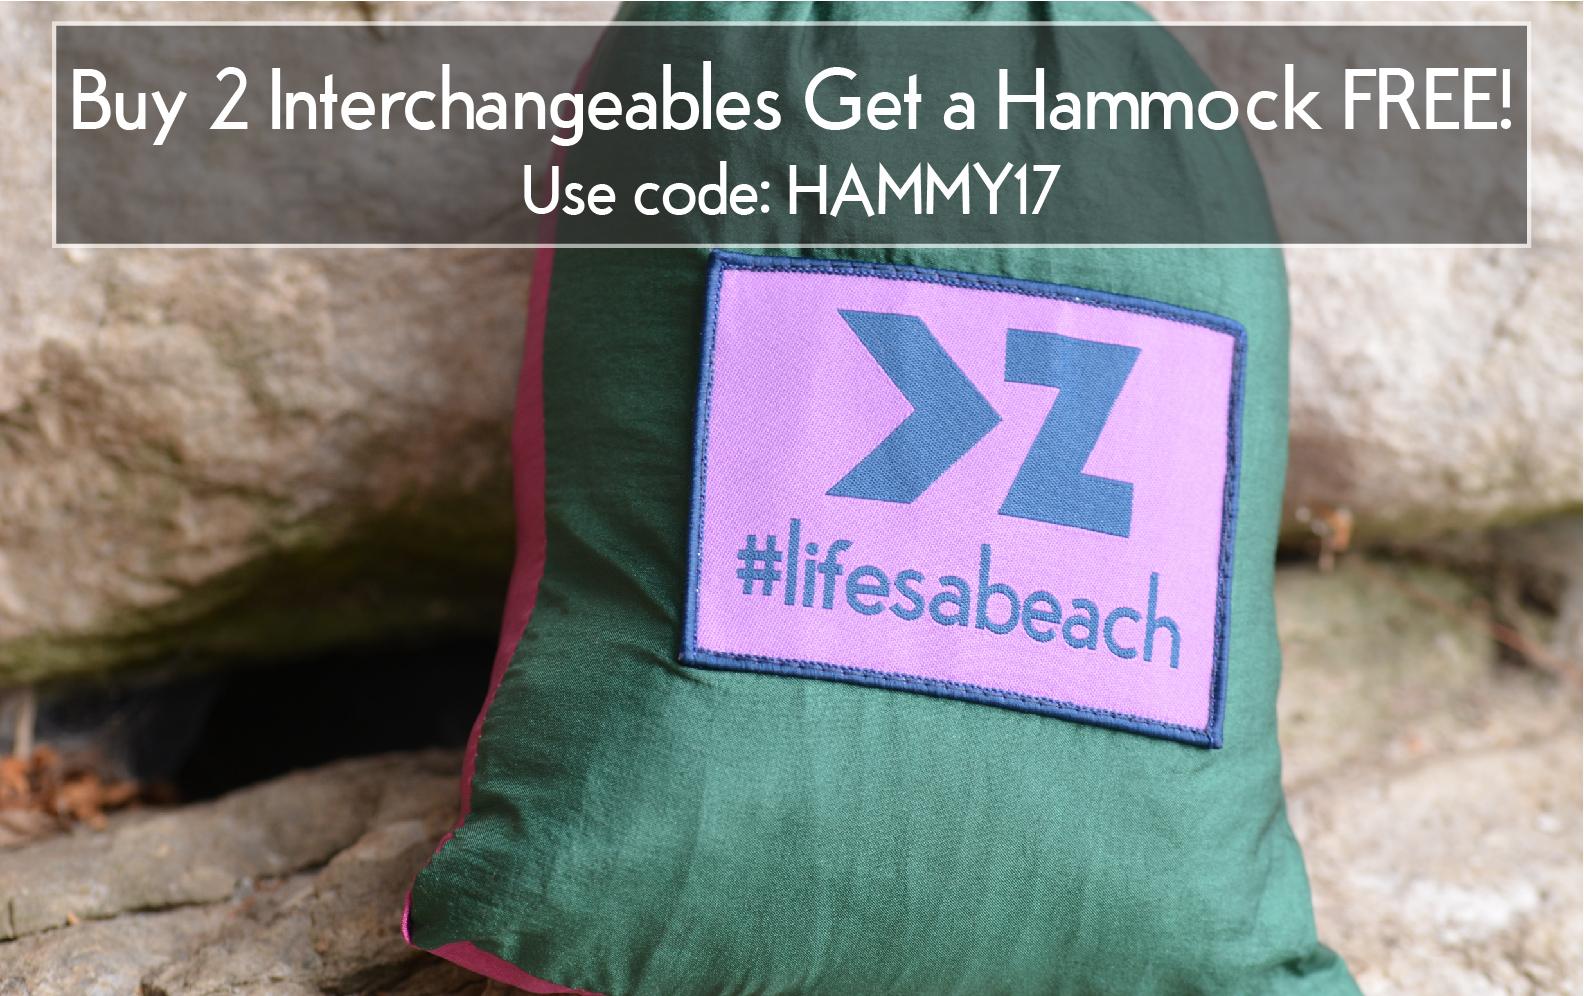 2 Interchangeables + Hammock FREE